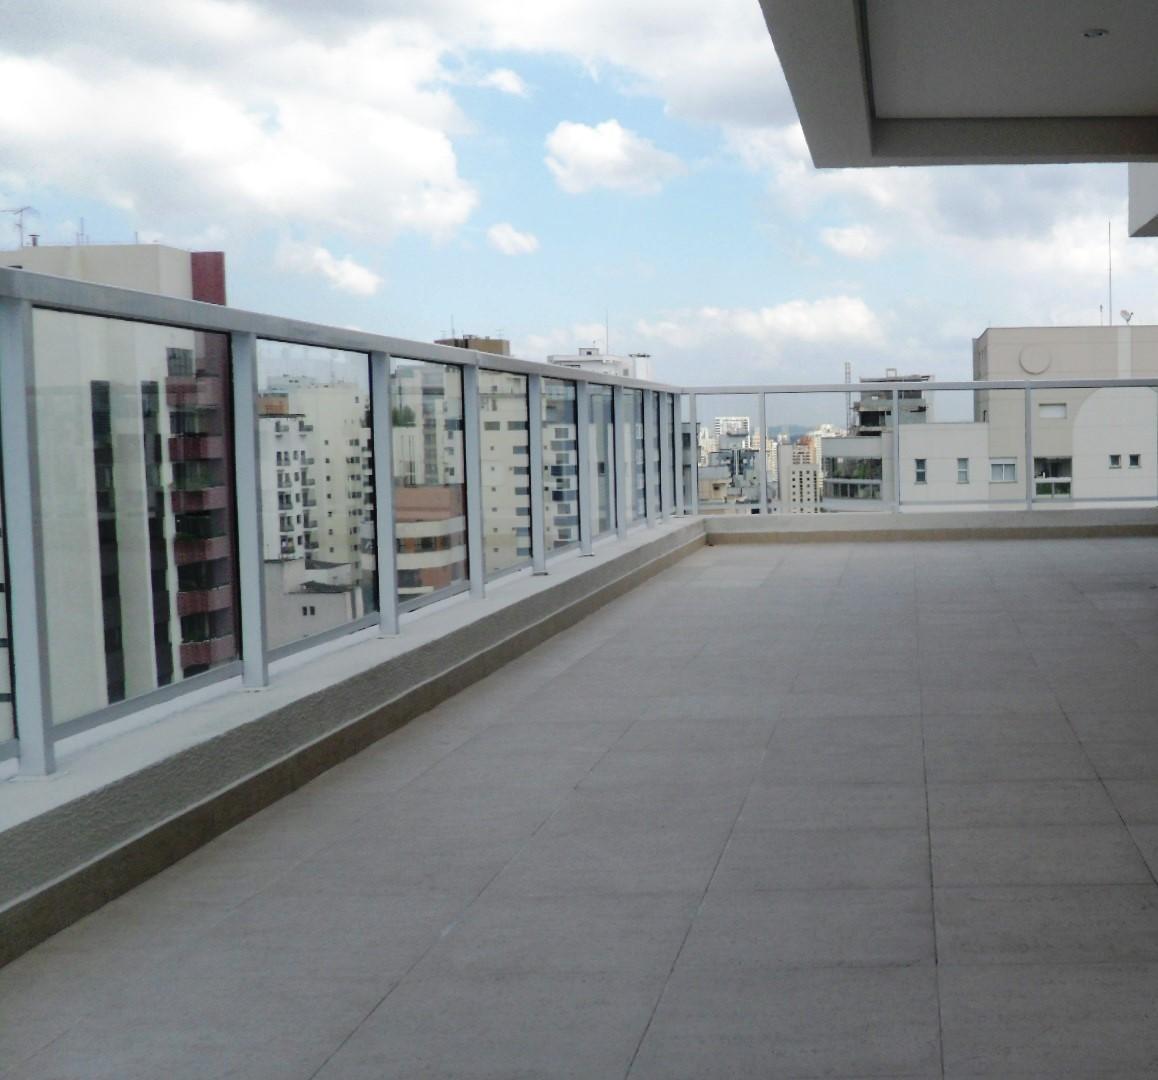 Hay varias soluciones de revestimiento para terrazas como azulejos de cerámica, placas pétreas y membranas bituminosas.